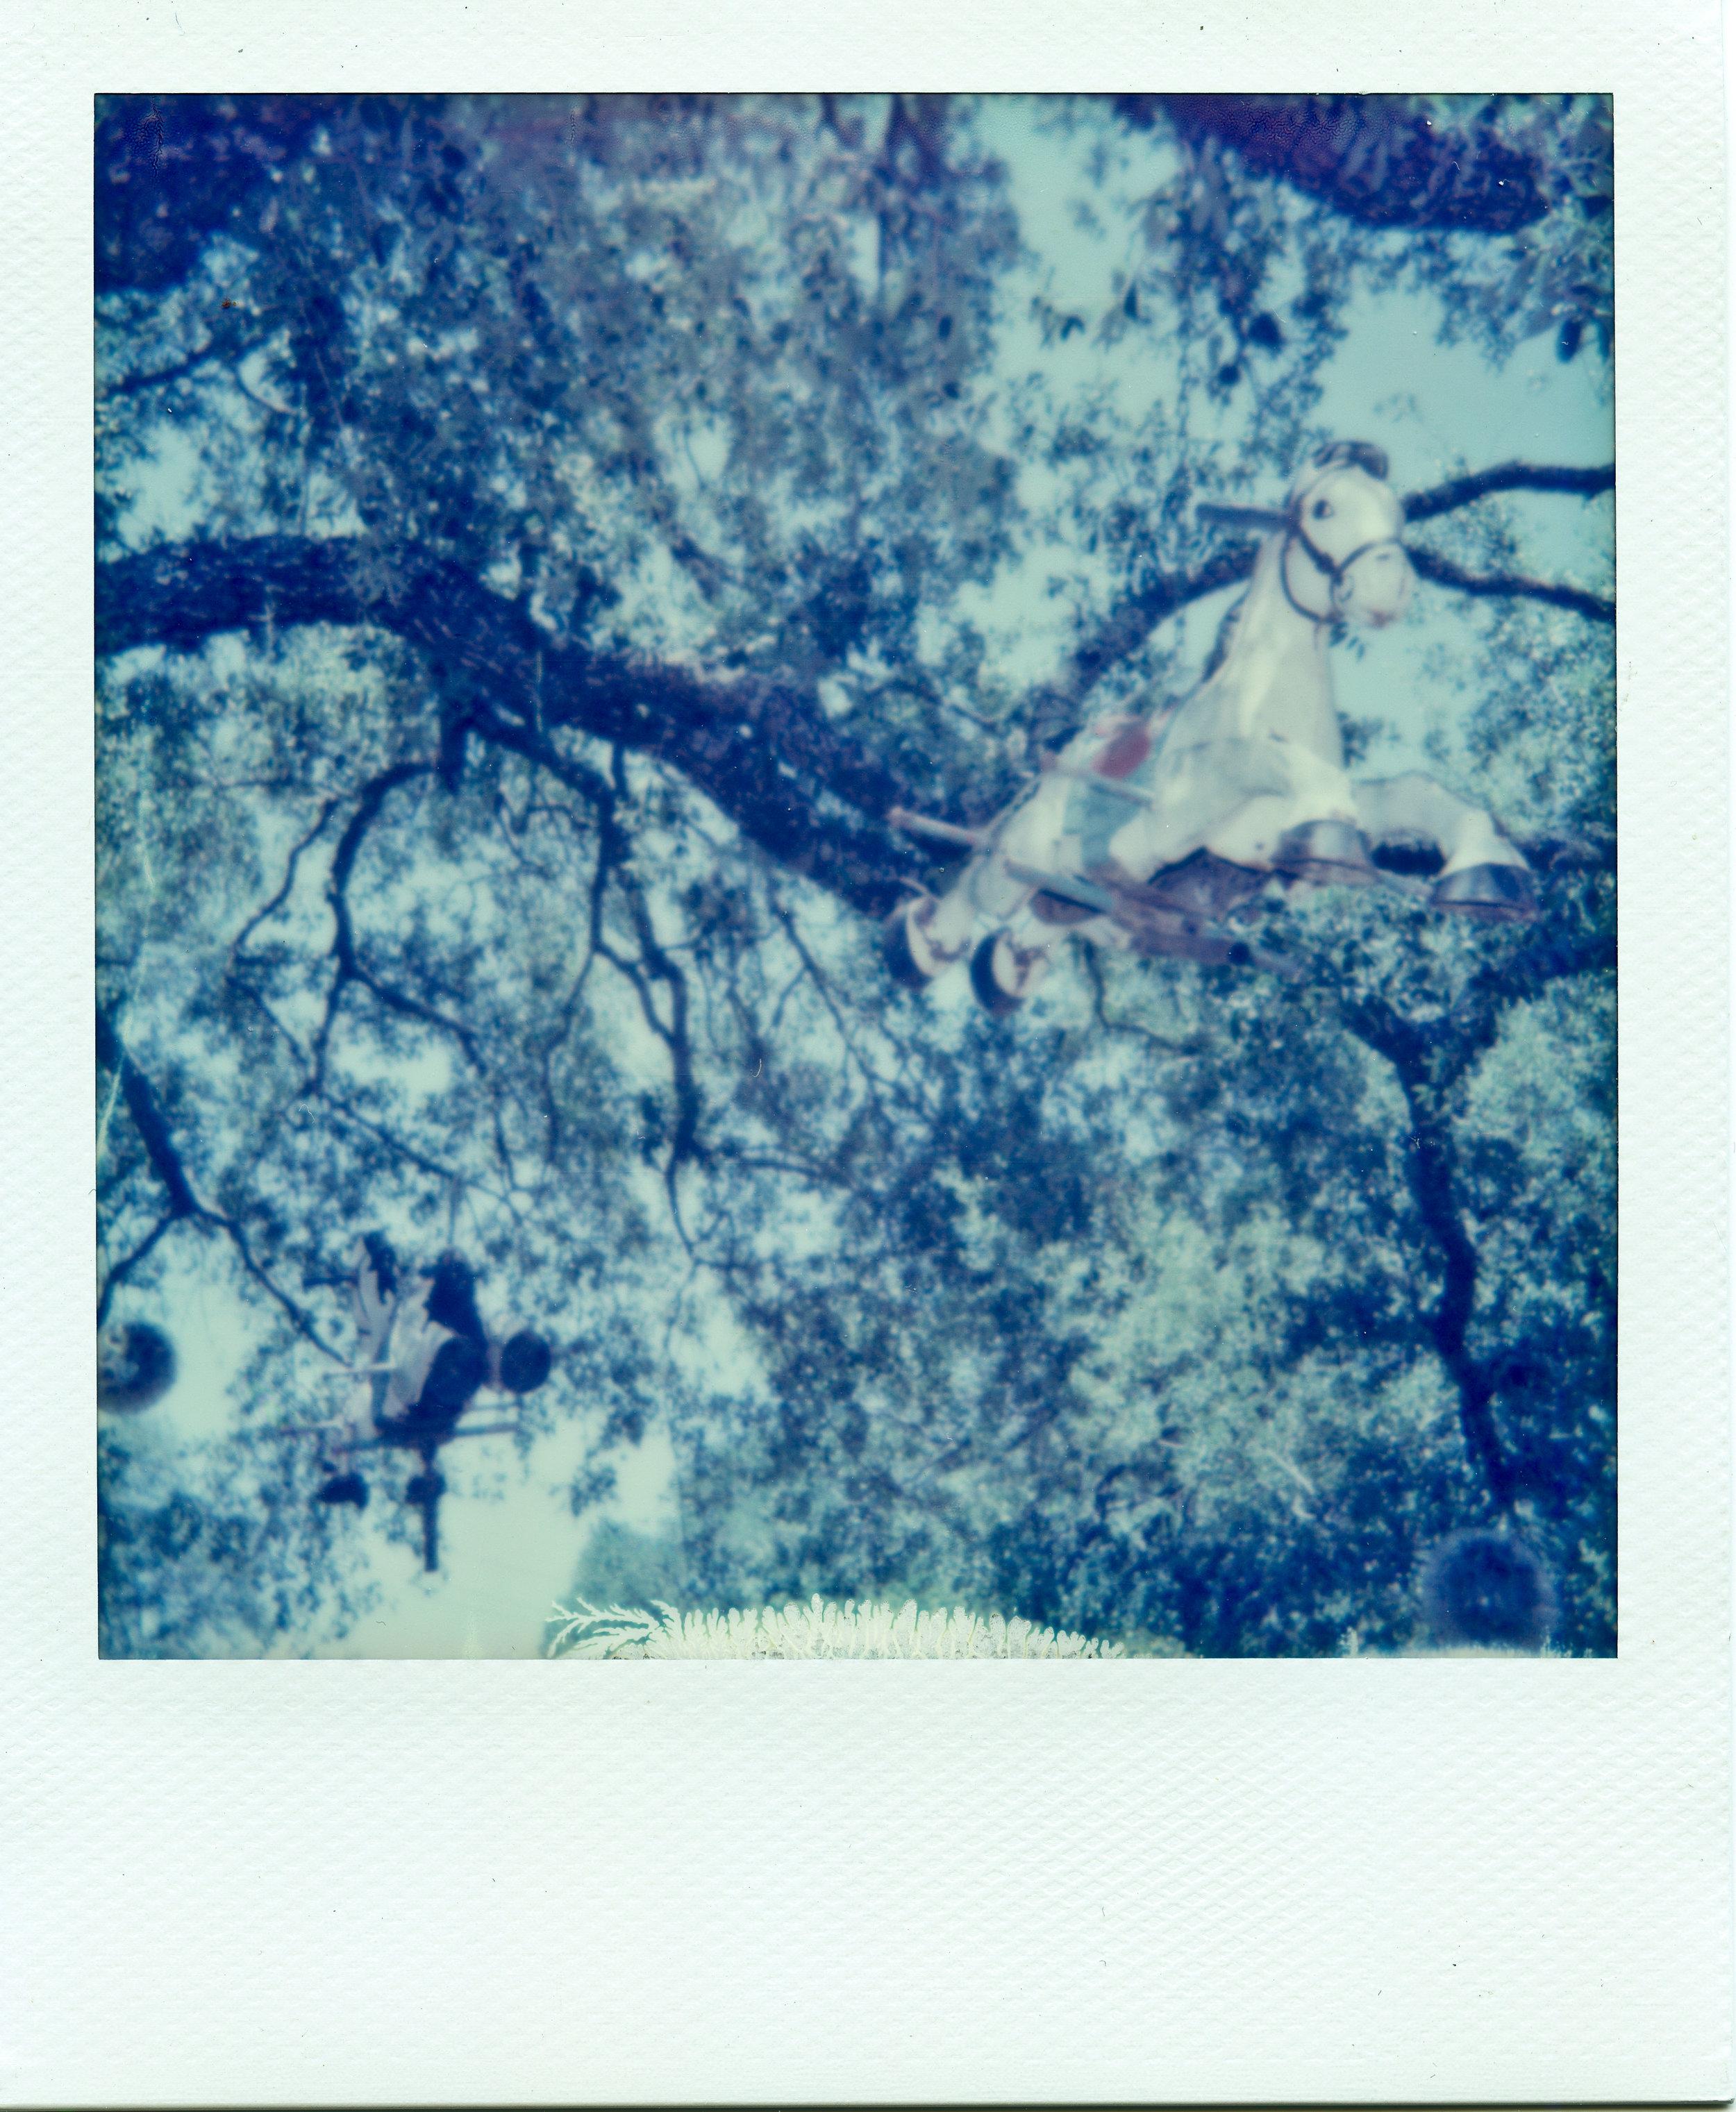 Polaroid ATX007-2.jpg